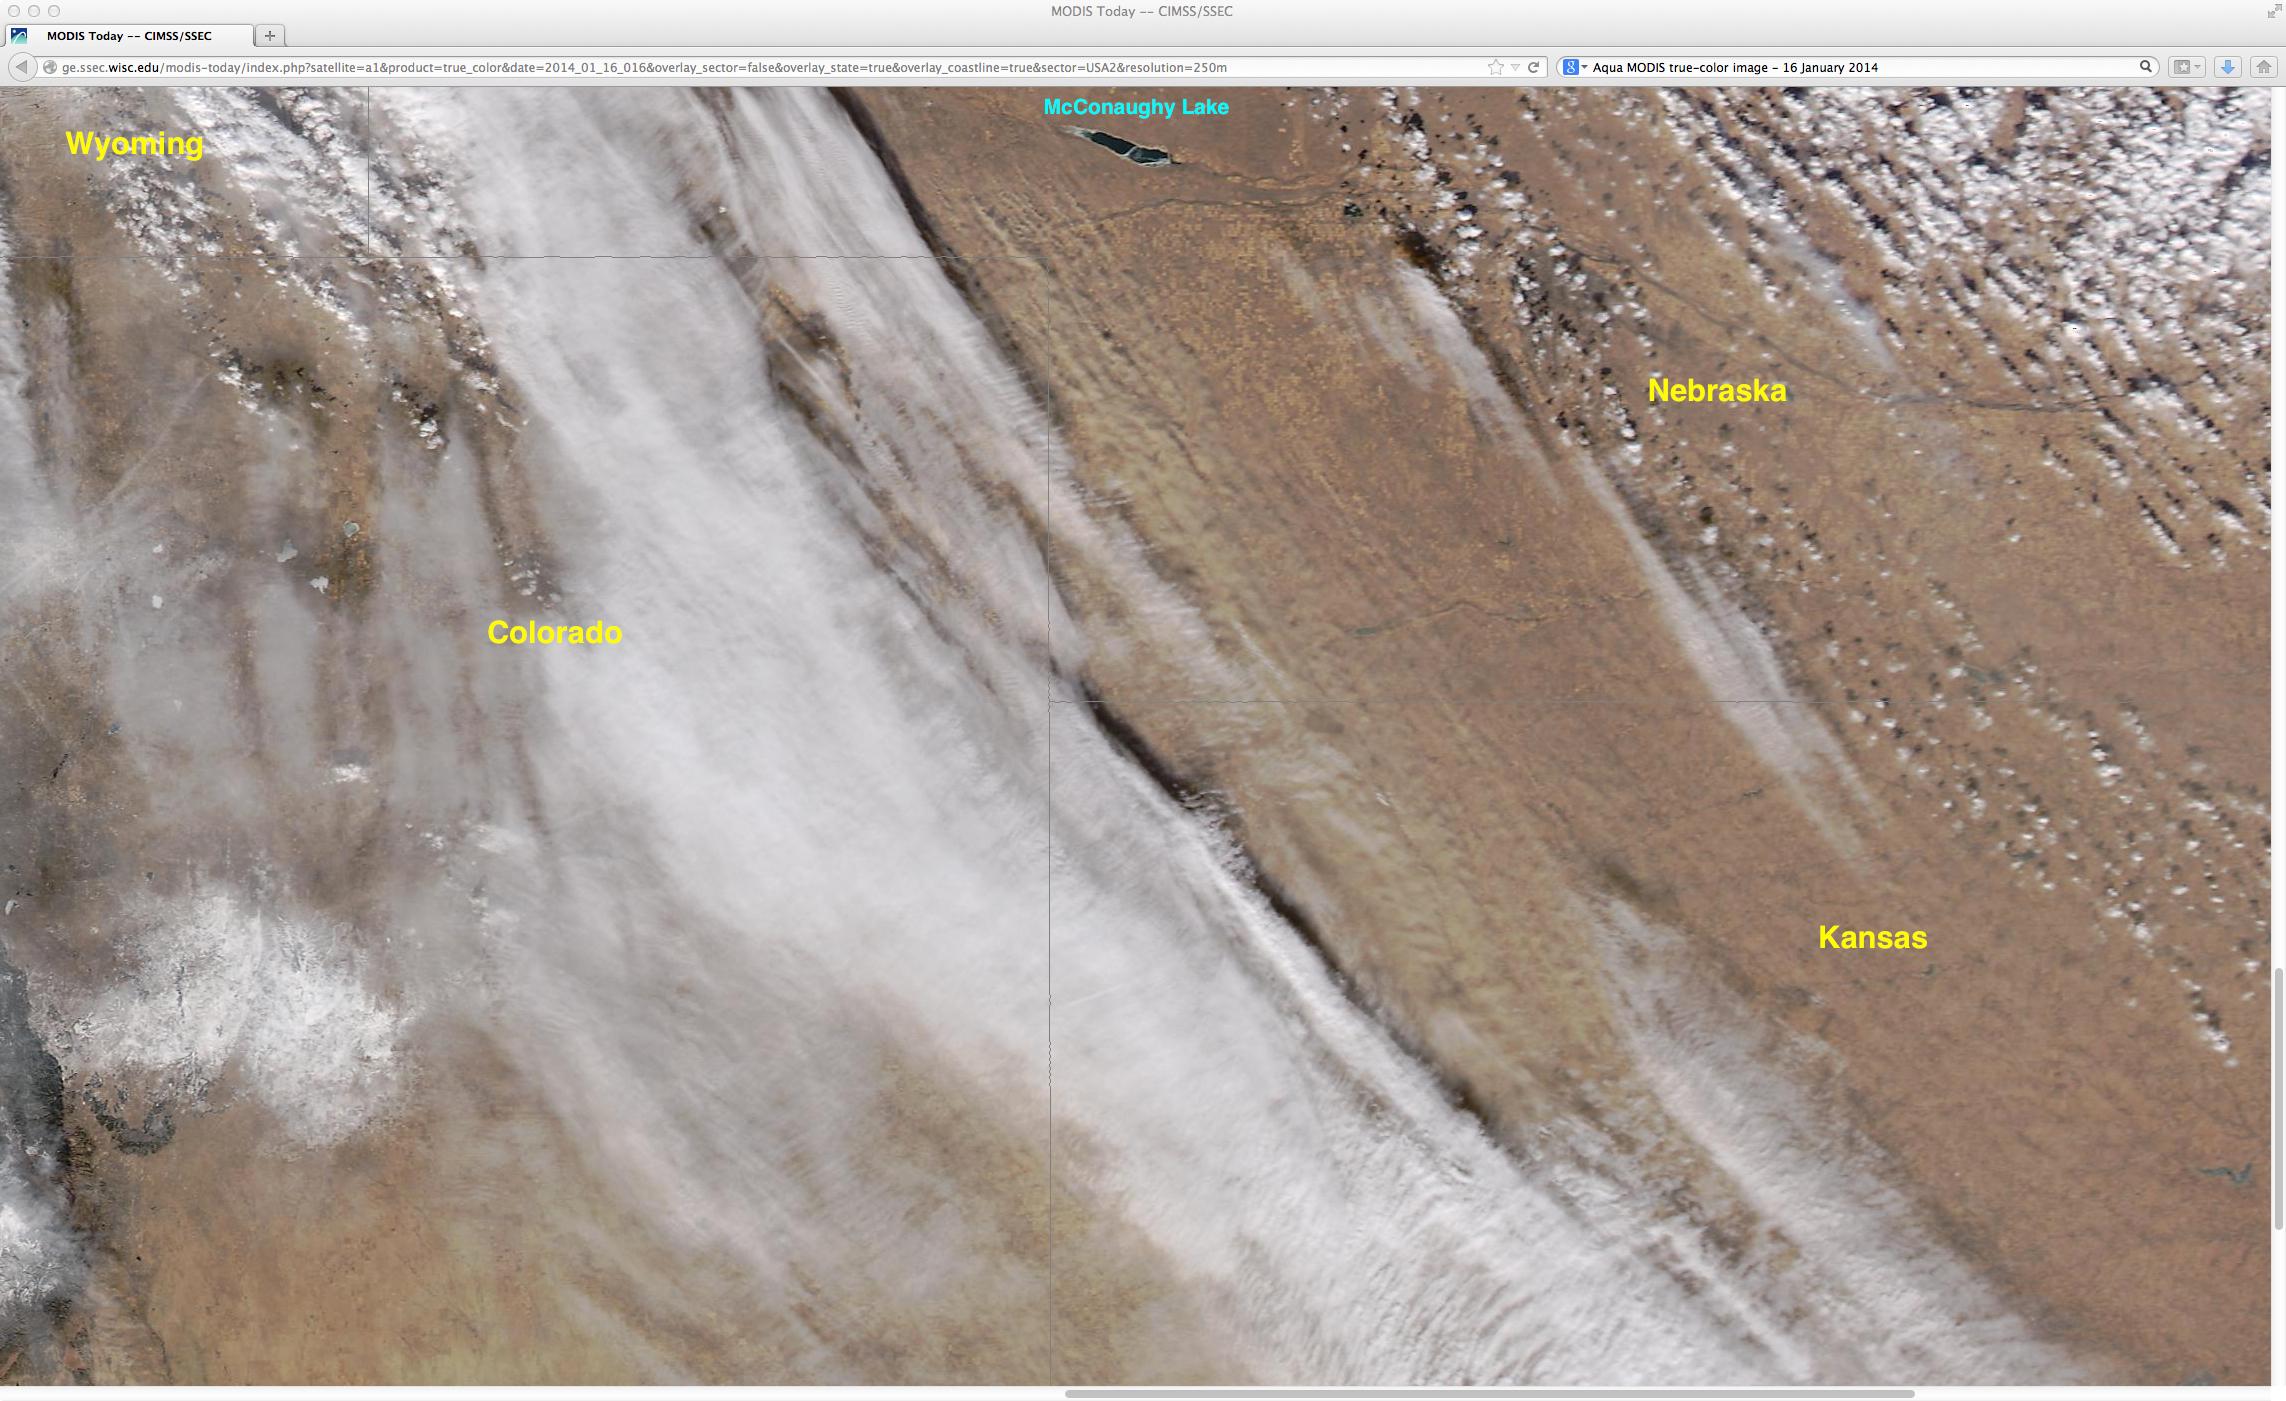 Aqua MODIS true-color RGB image